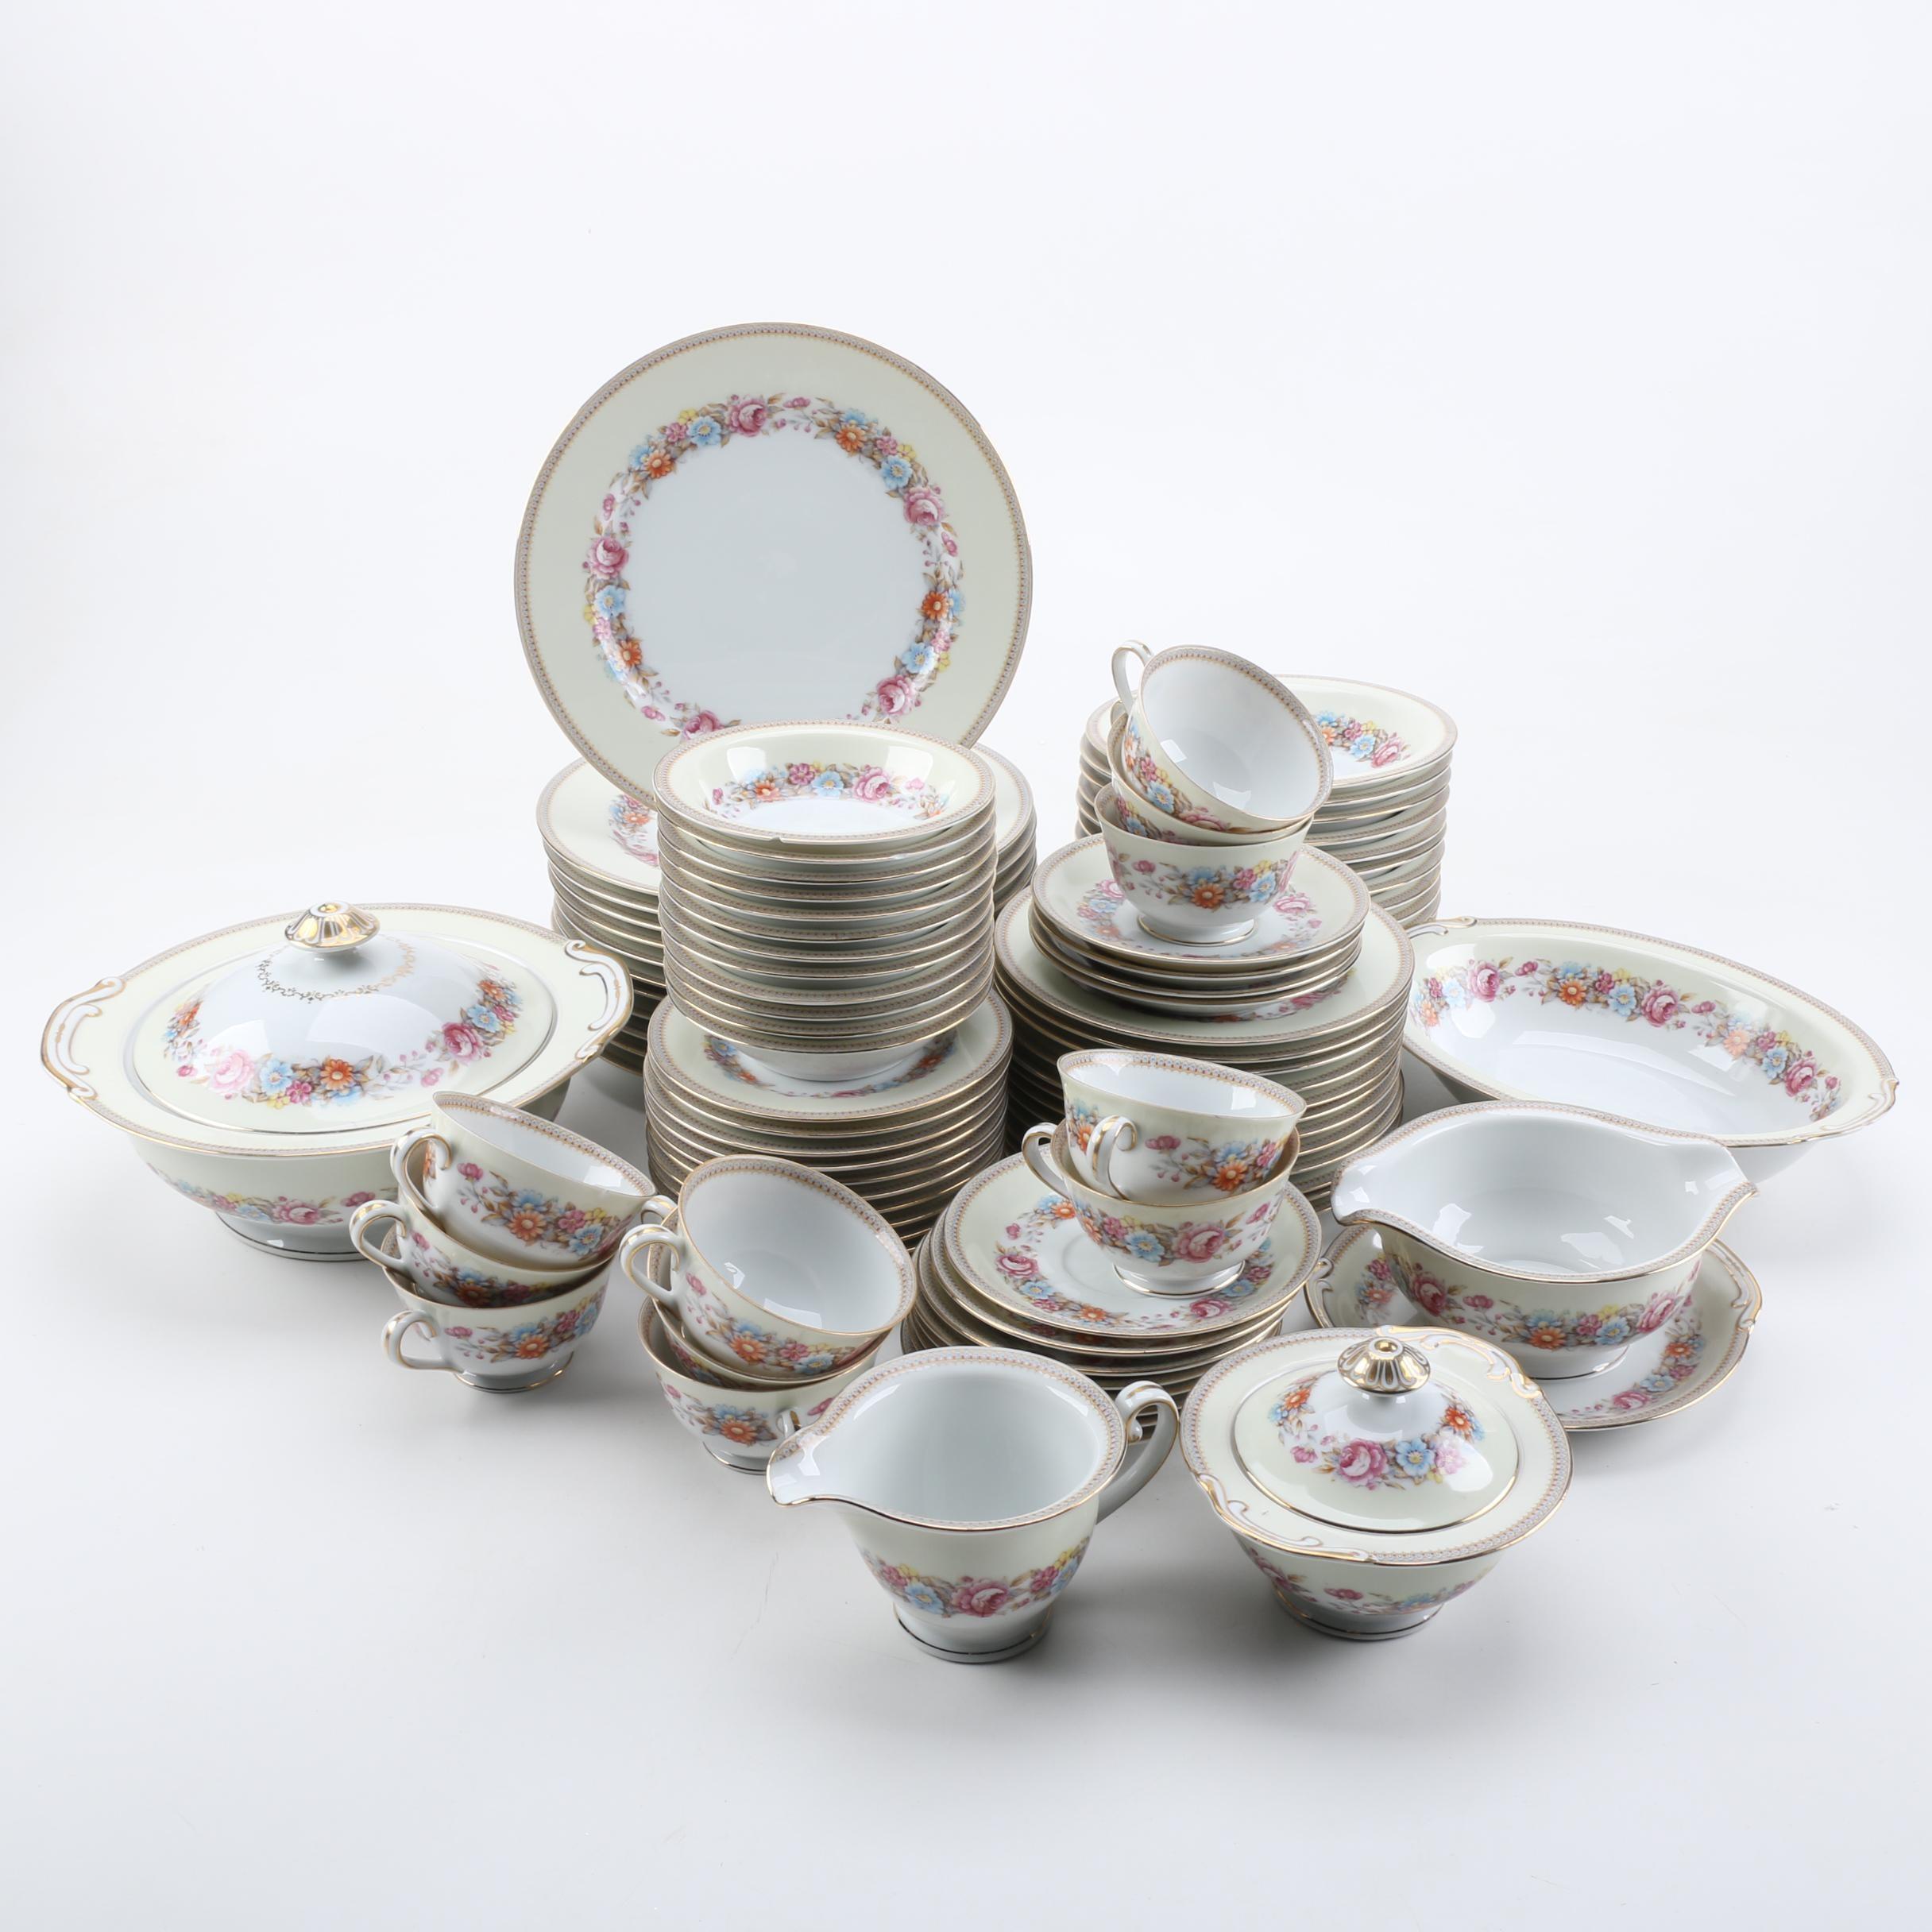 Vintage Jyoto Japanese Porcelain Dinnerware 1940s